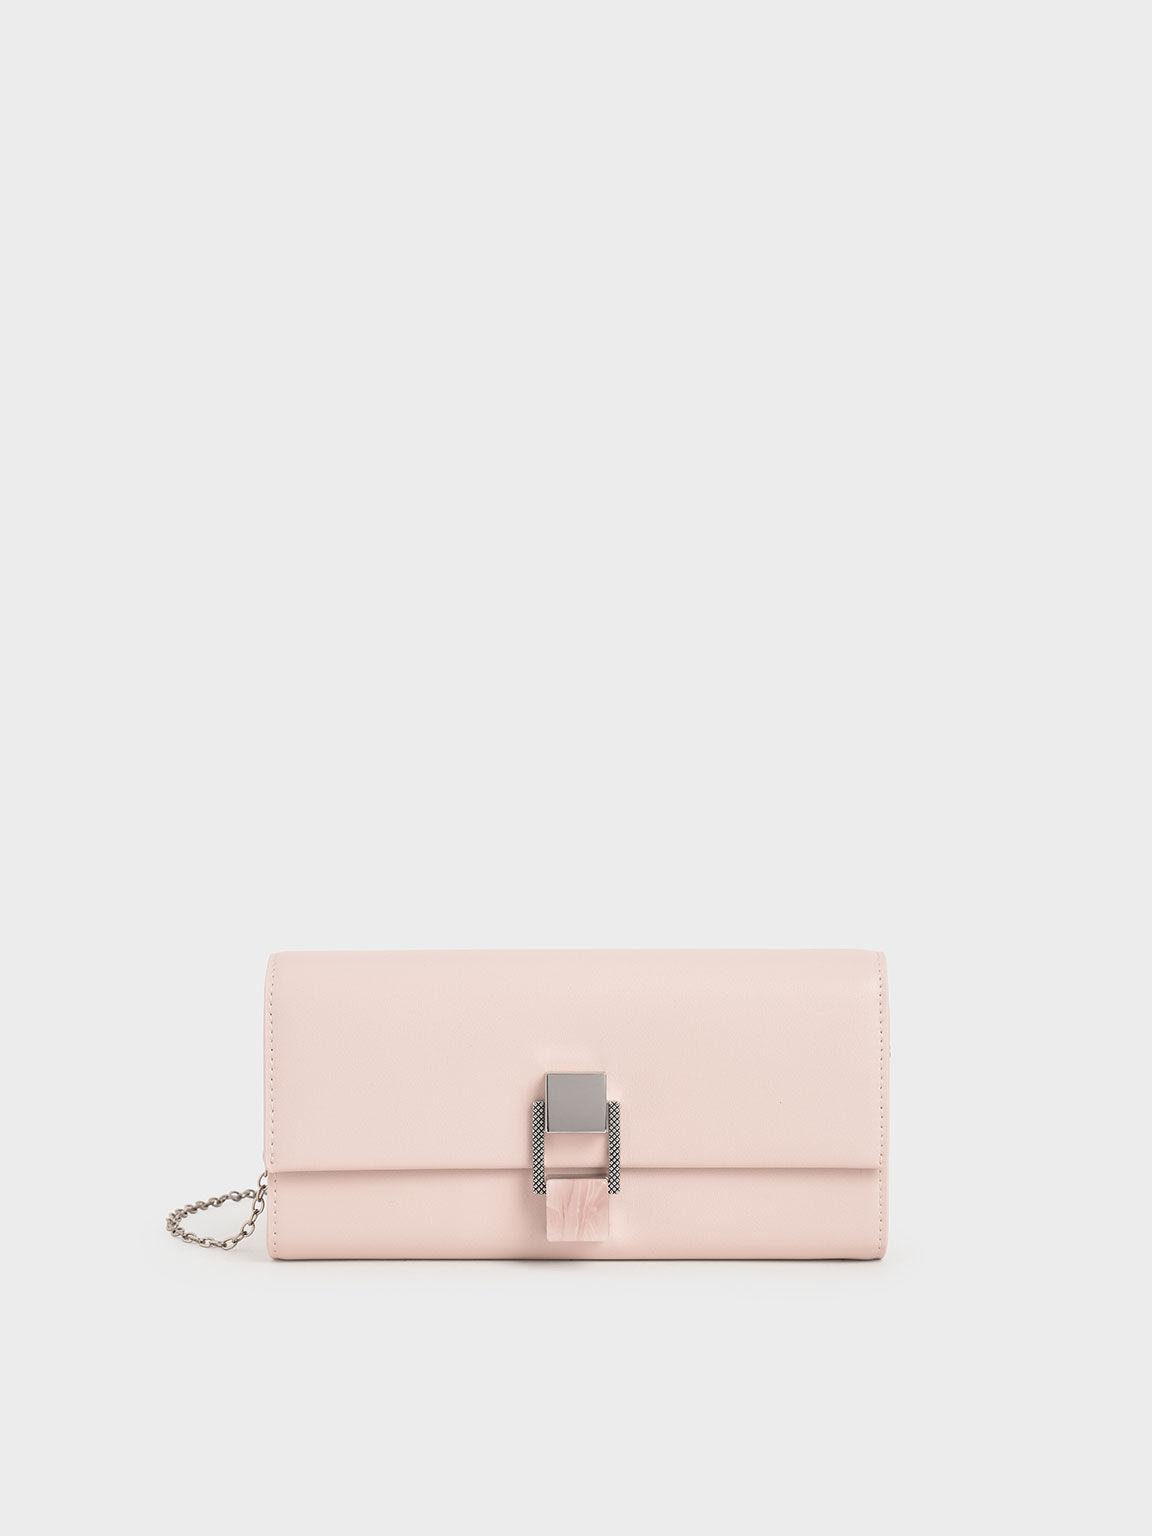 Stone-Embellished Long Wallet, Light Pink, hi-res